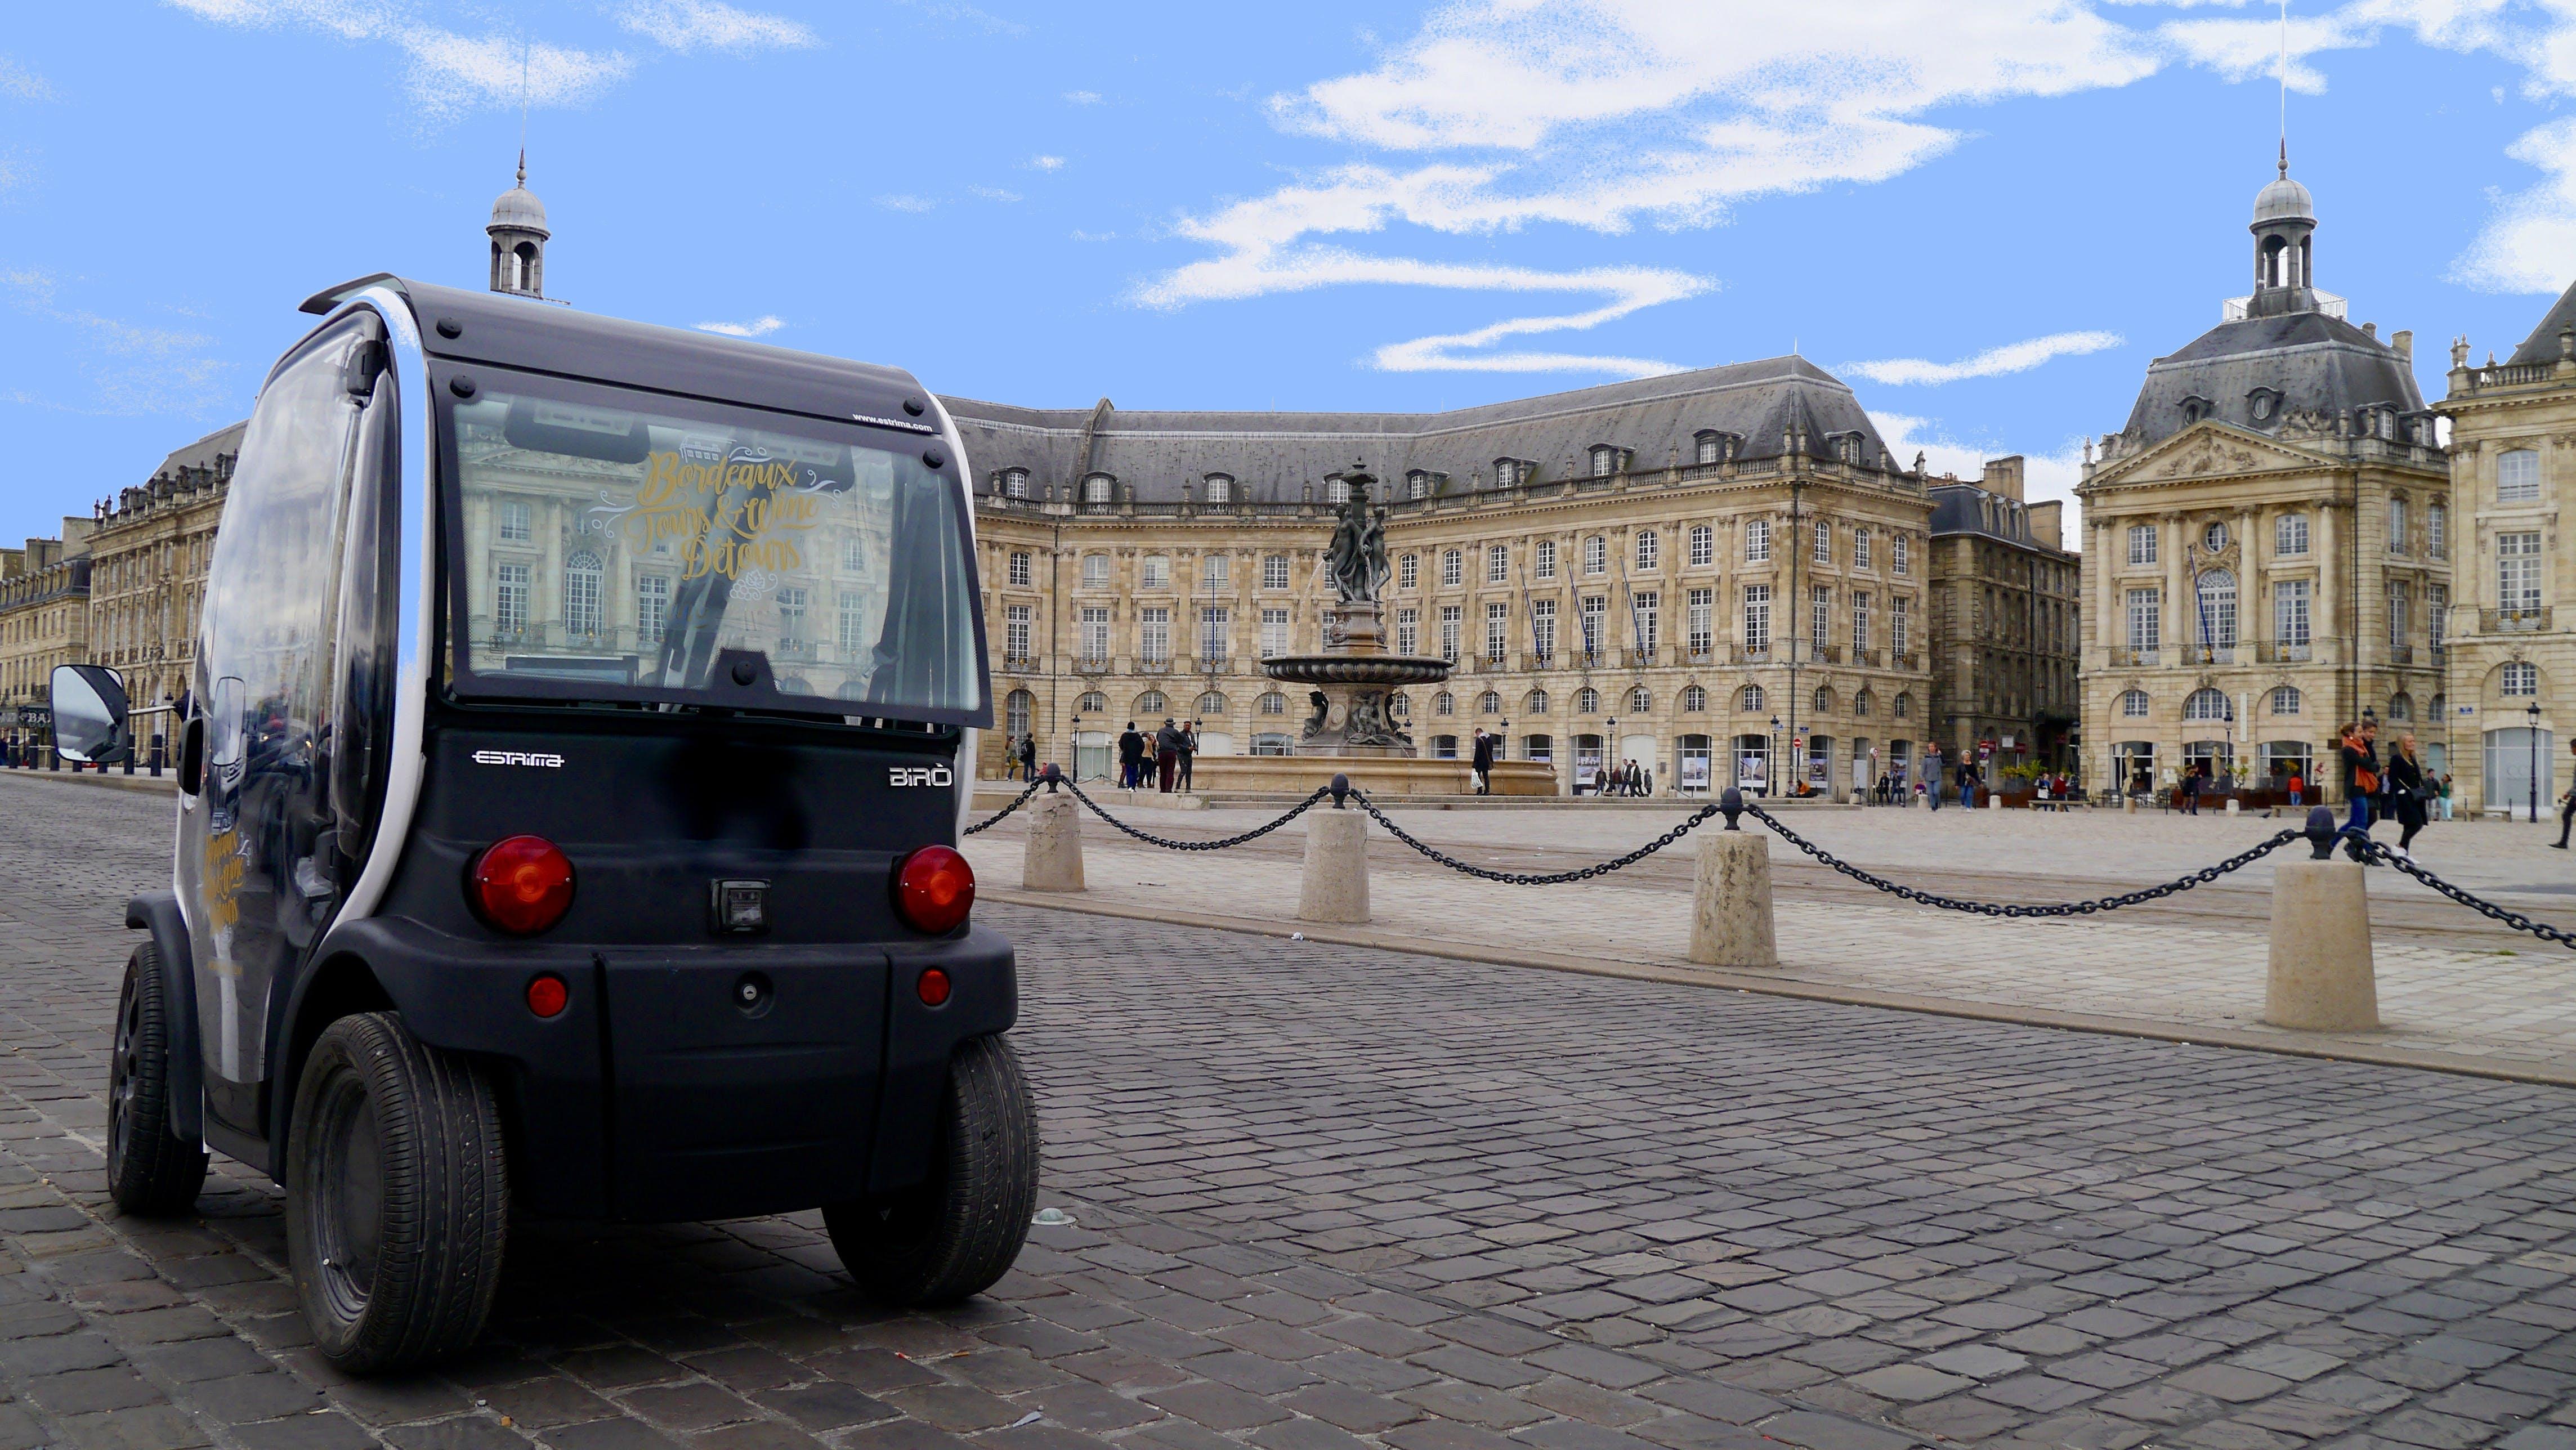 Bordeaux la UNESCO autoguiado City Sightseeing Tour en un vehículo eléctrico-2